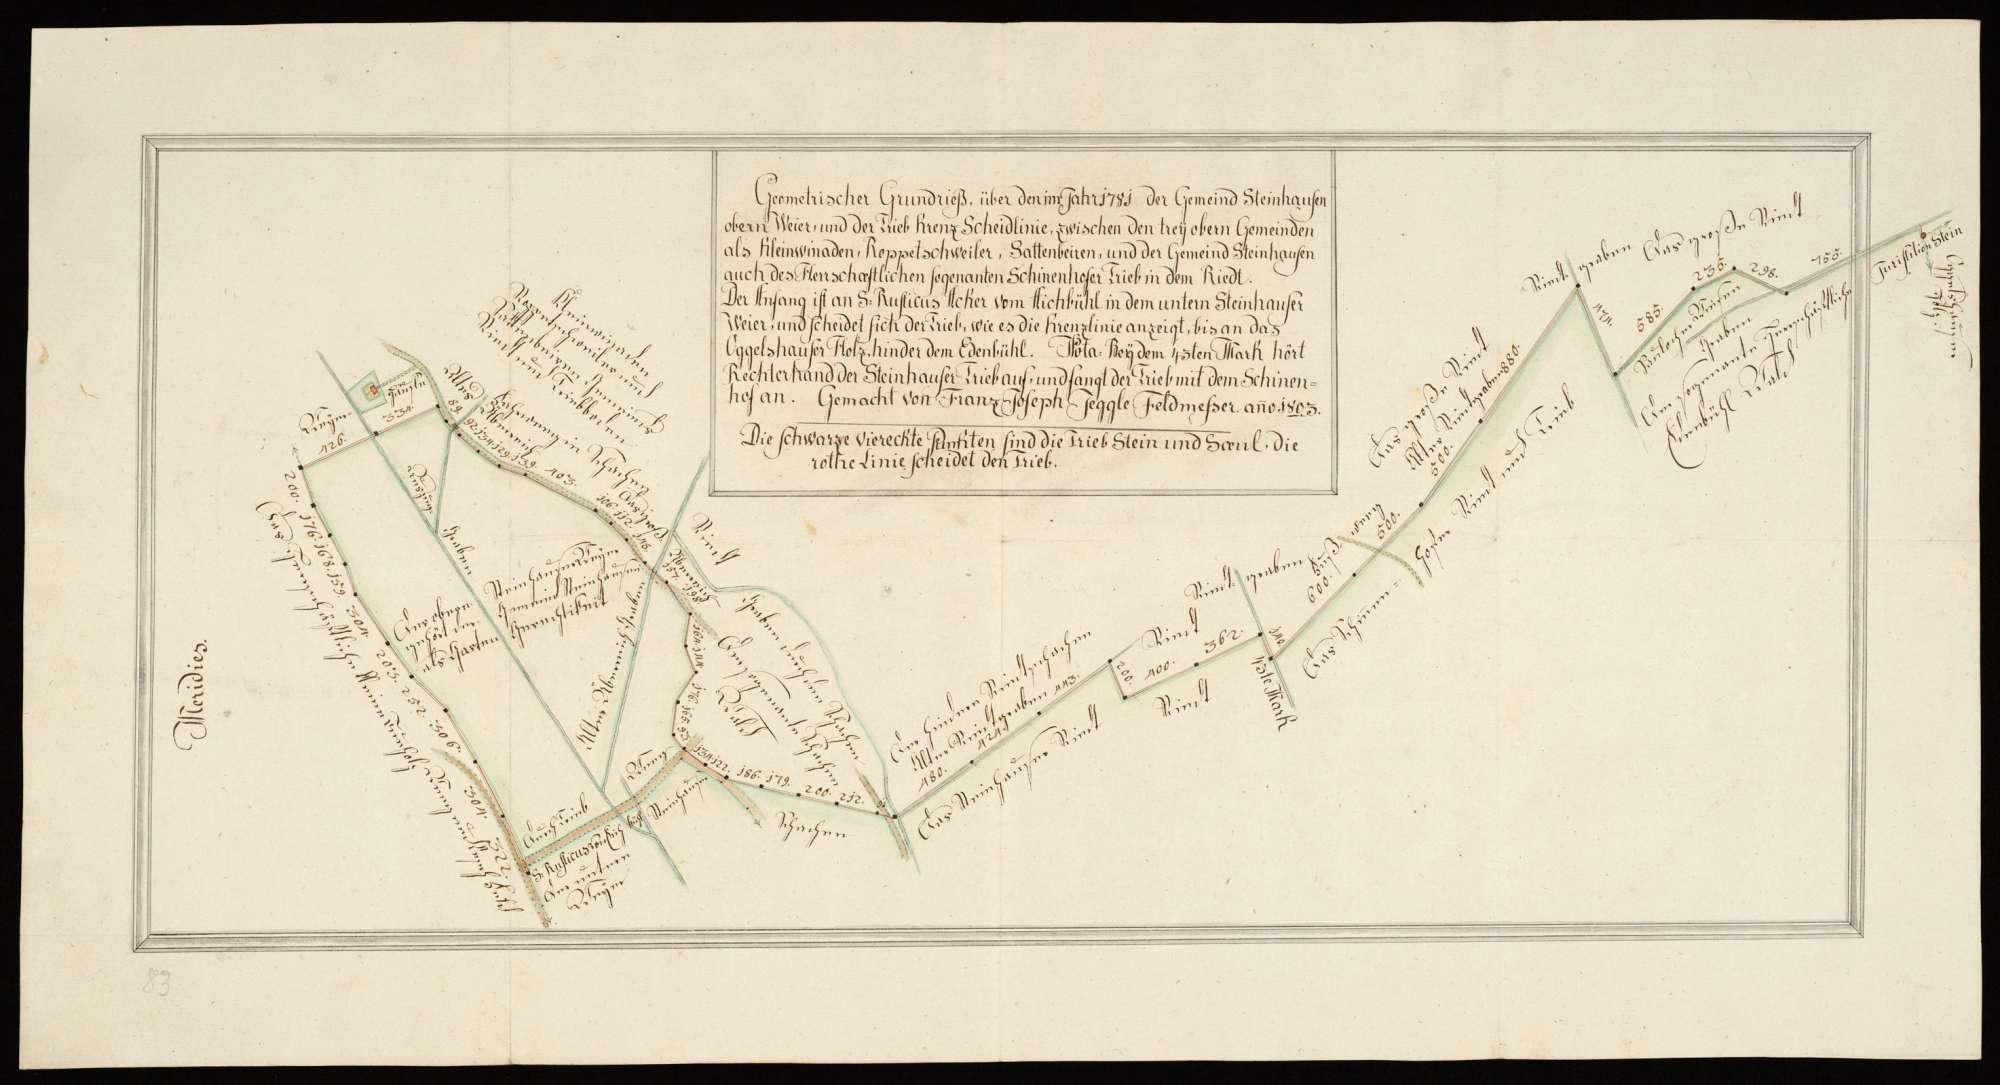 """Steinhausen """"Geometrischer Grundriß über den im Jahr 1781 der Gemeind Steinhausen [zugehörigen] obern Weier und der Trieb-Krenz-Scheidlinie zwischen den trey obern Gemeinden als Kleinwinaden, Roppertschweiler, Sattenbeiren und der Gemeind Steinhausen, auch des herrschaftlichen, sogenanten Schinenhofer Trieb in dem Riedt..."""", Bild 2"""